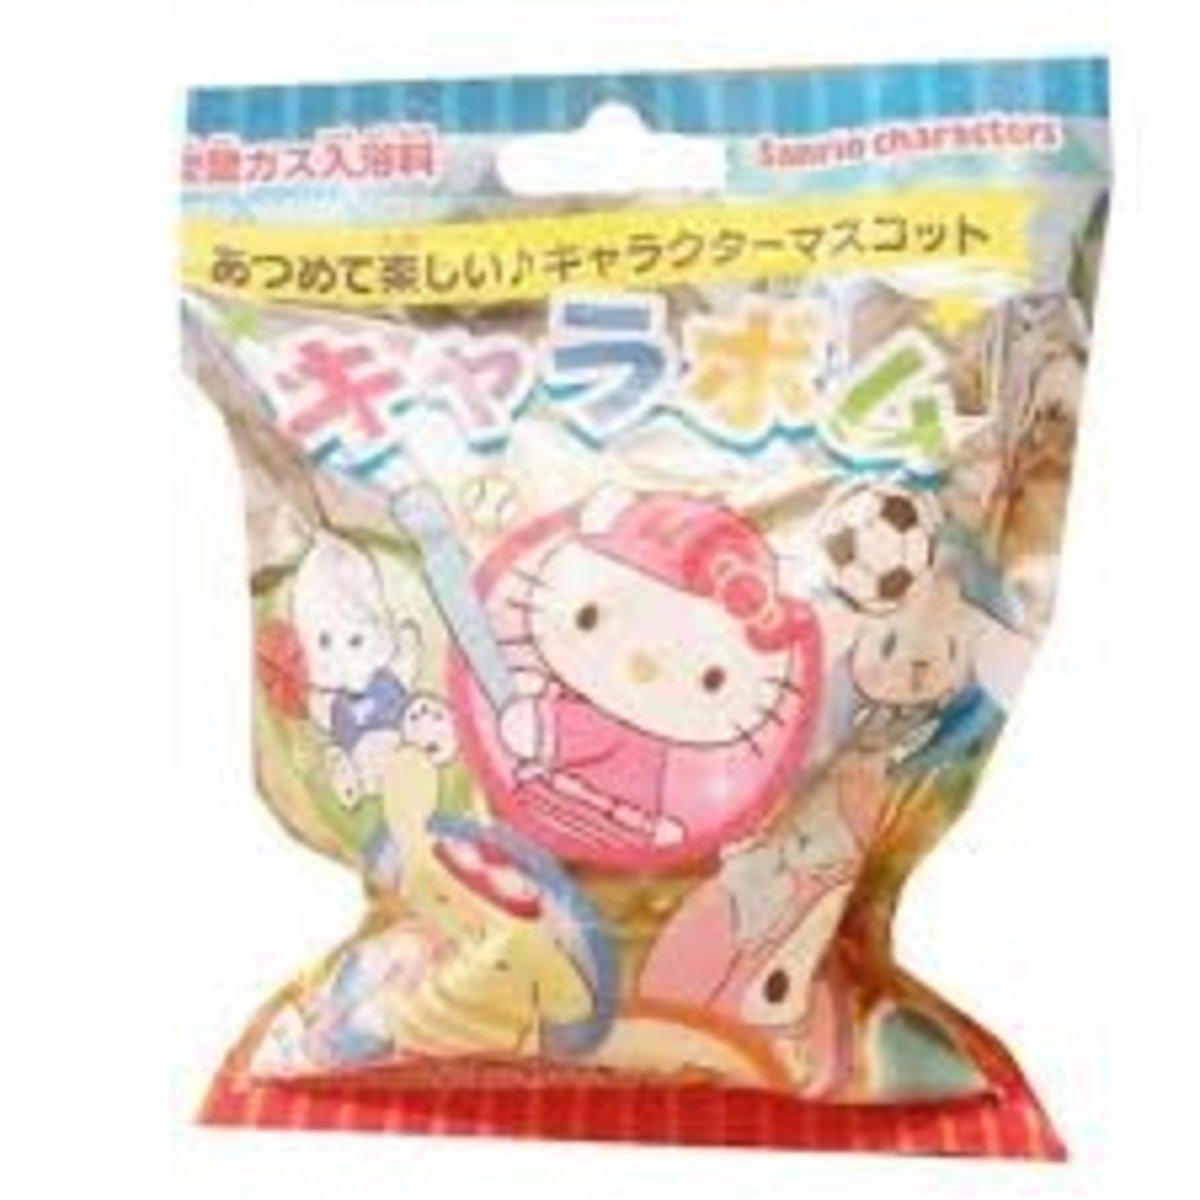 沐浴球 (沖涼波波) Sanrio 運動會